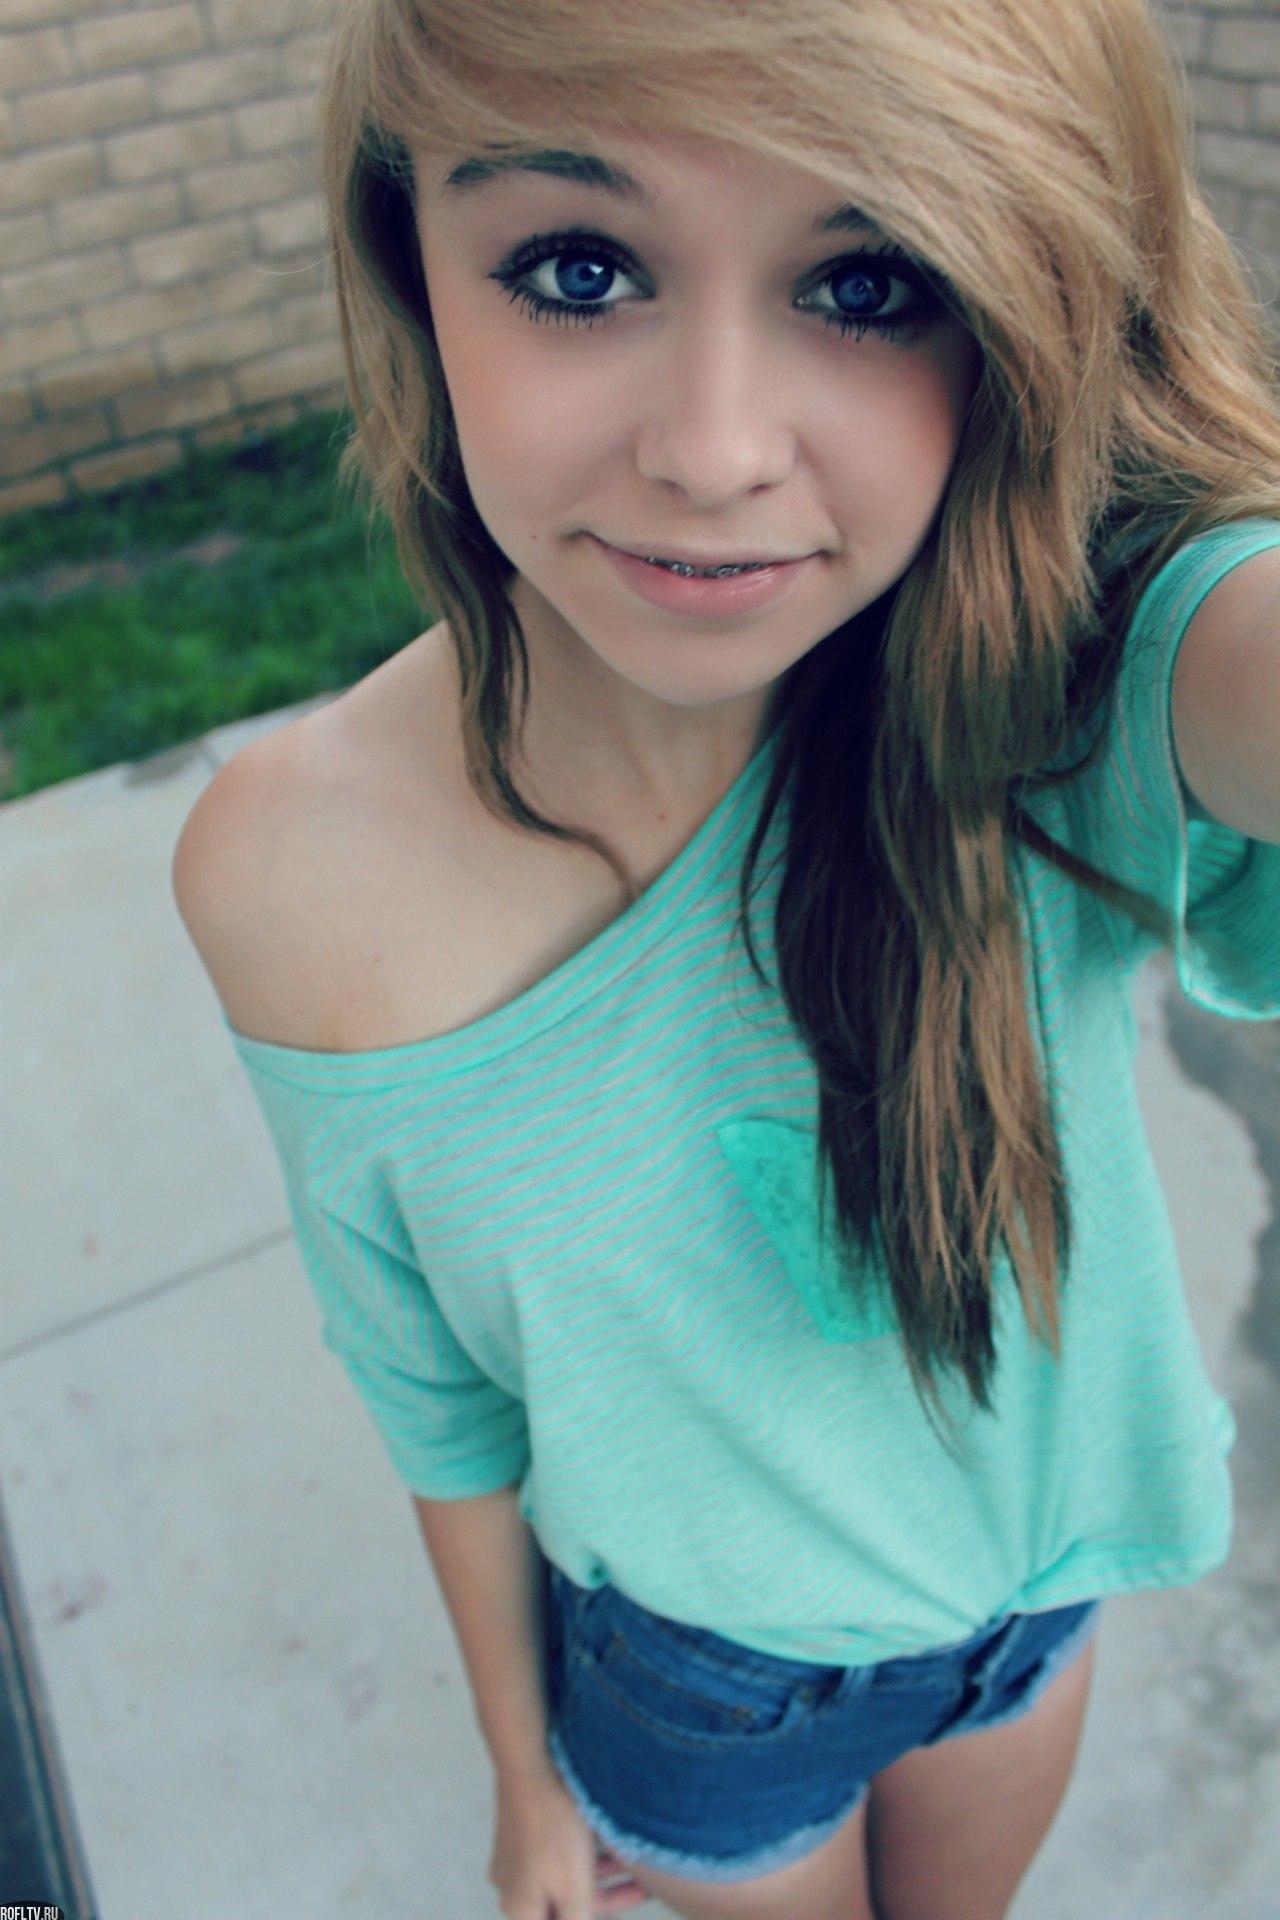 Фото 18 лет девушка 15 фотография